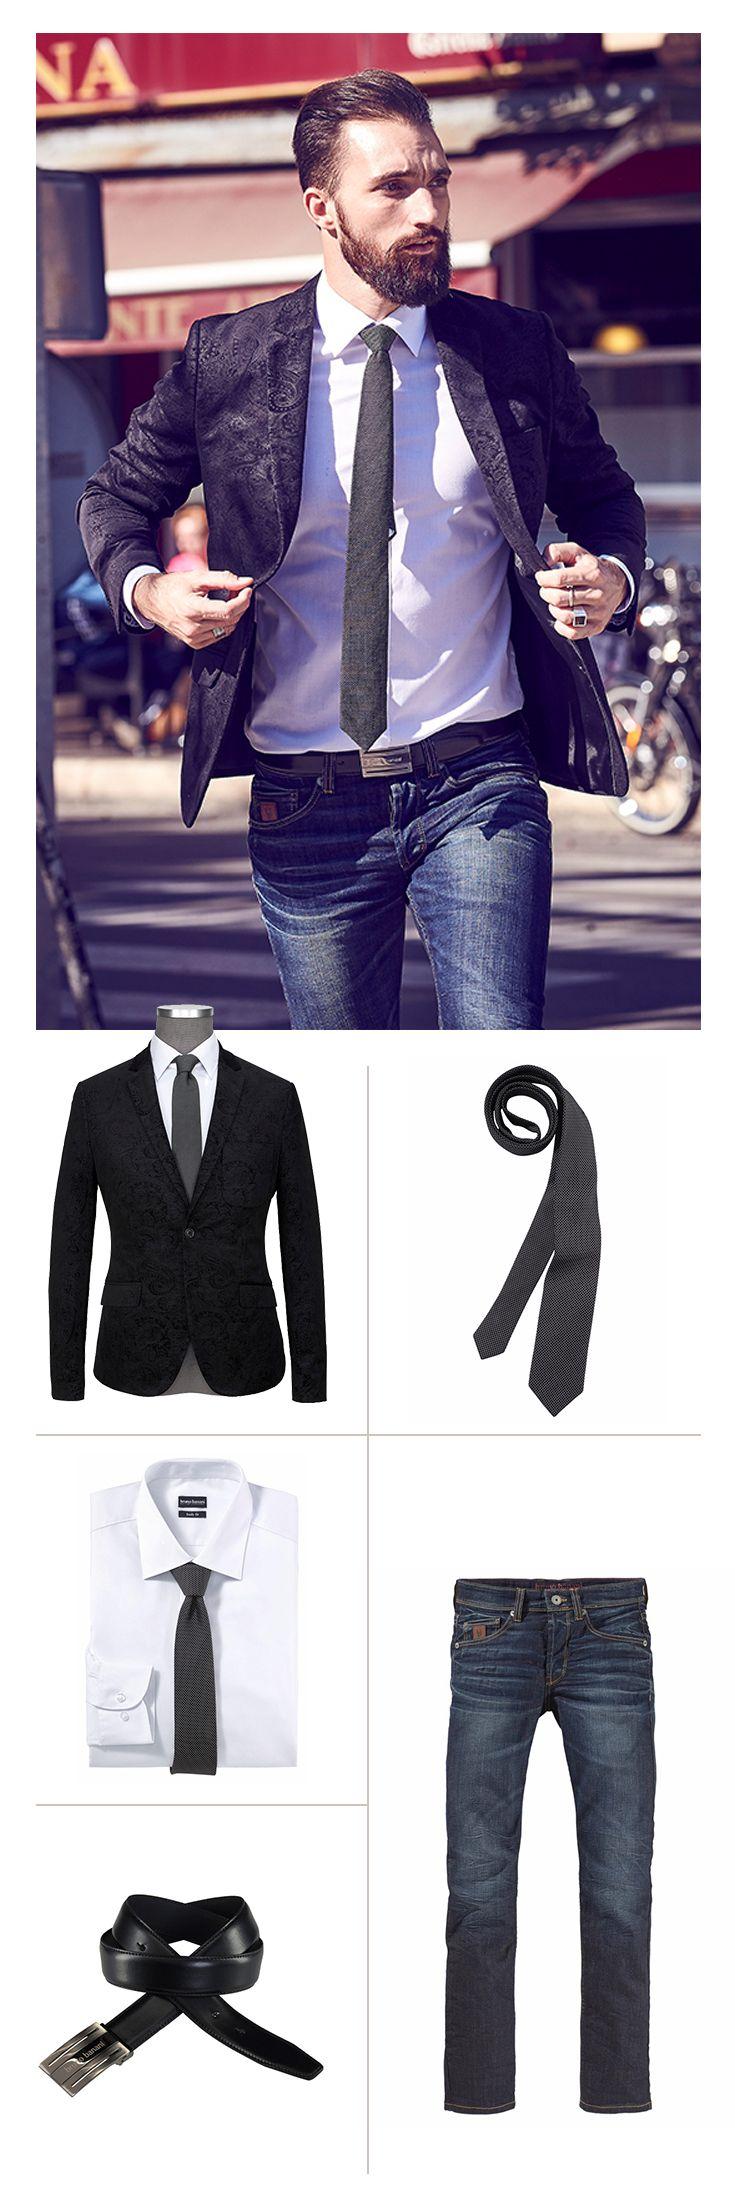 Ganz klar: Die Fashion-Profis von Bruno Banani wissen genau, wie man im Business einen smarten und souveränen Eindruck hinterlässt. Highlight dieses Looks ist das stylische Sakko mit aufwendig gearbeitetem Muster – dazu passt eine dunkle Slim-fit-Jeans.